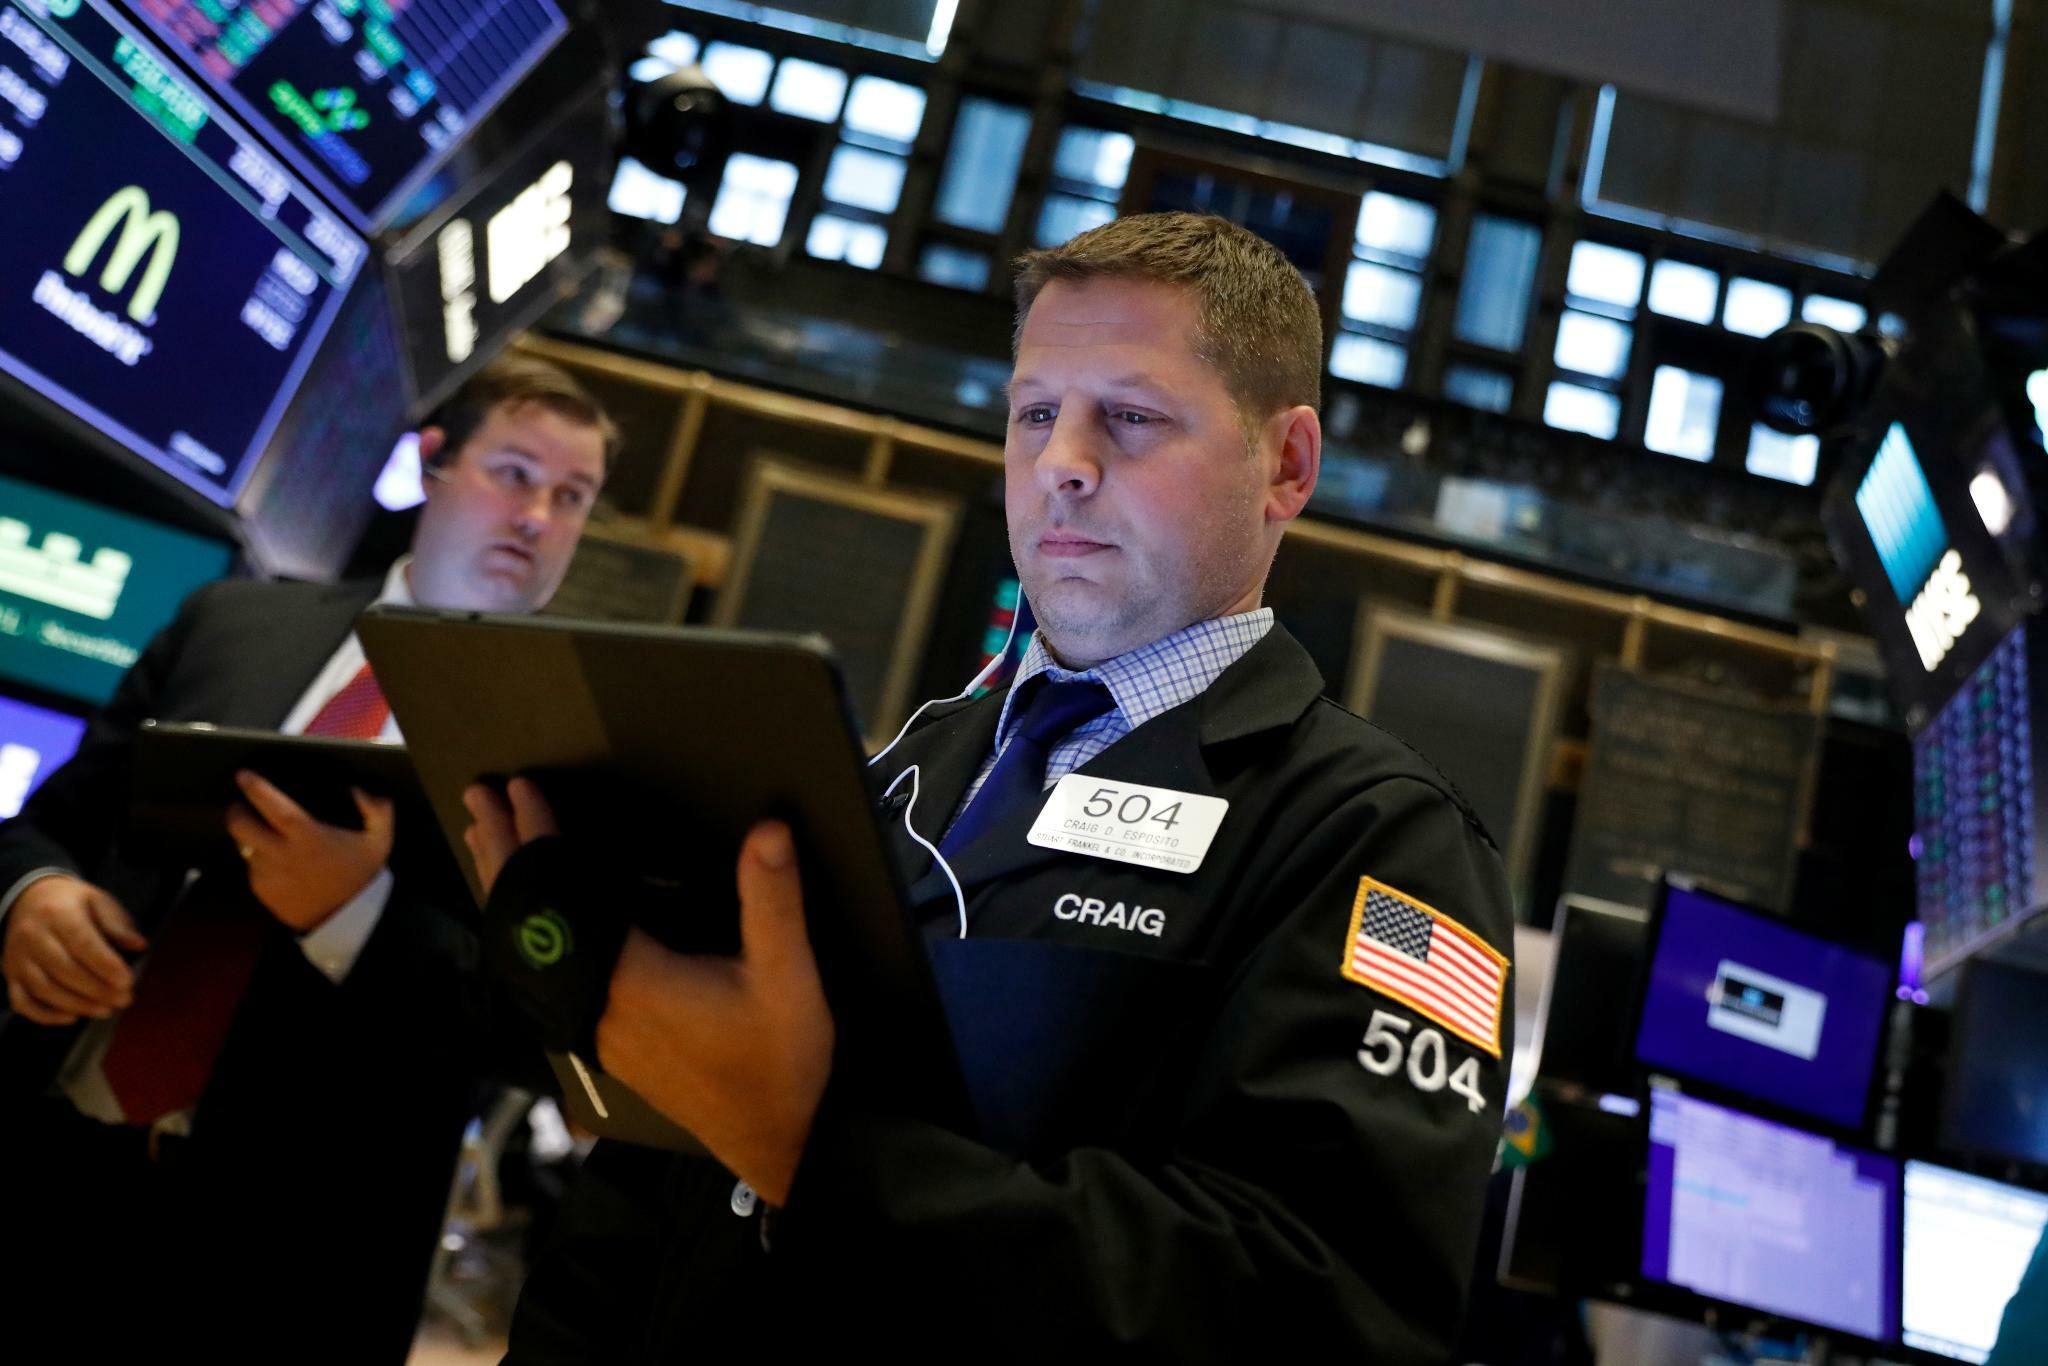 Dow Jones, Nasdaq, S&P 500: Handelsstreit sorgt erneut für Verluste an US-Börsen – Netflix-Kurs stark unter Druck